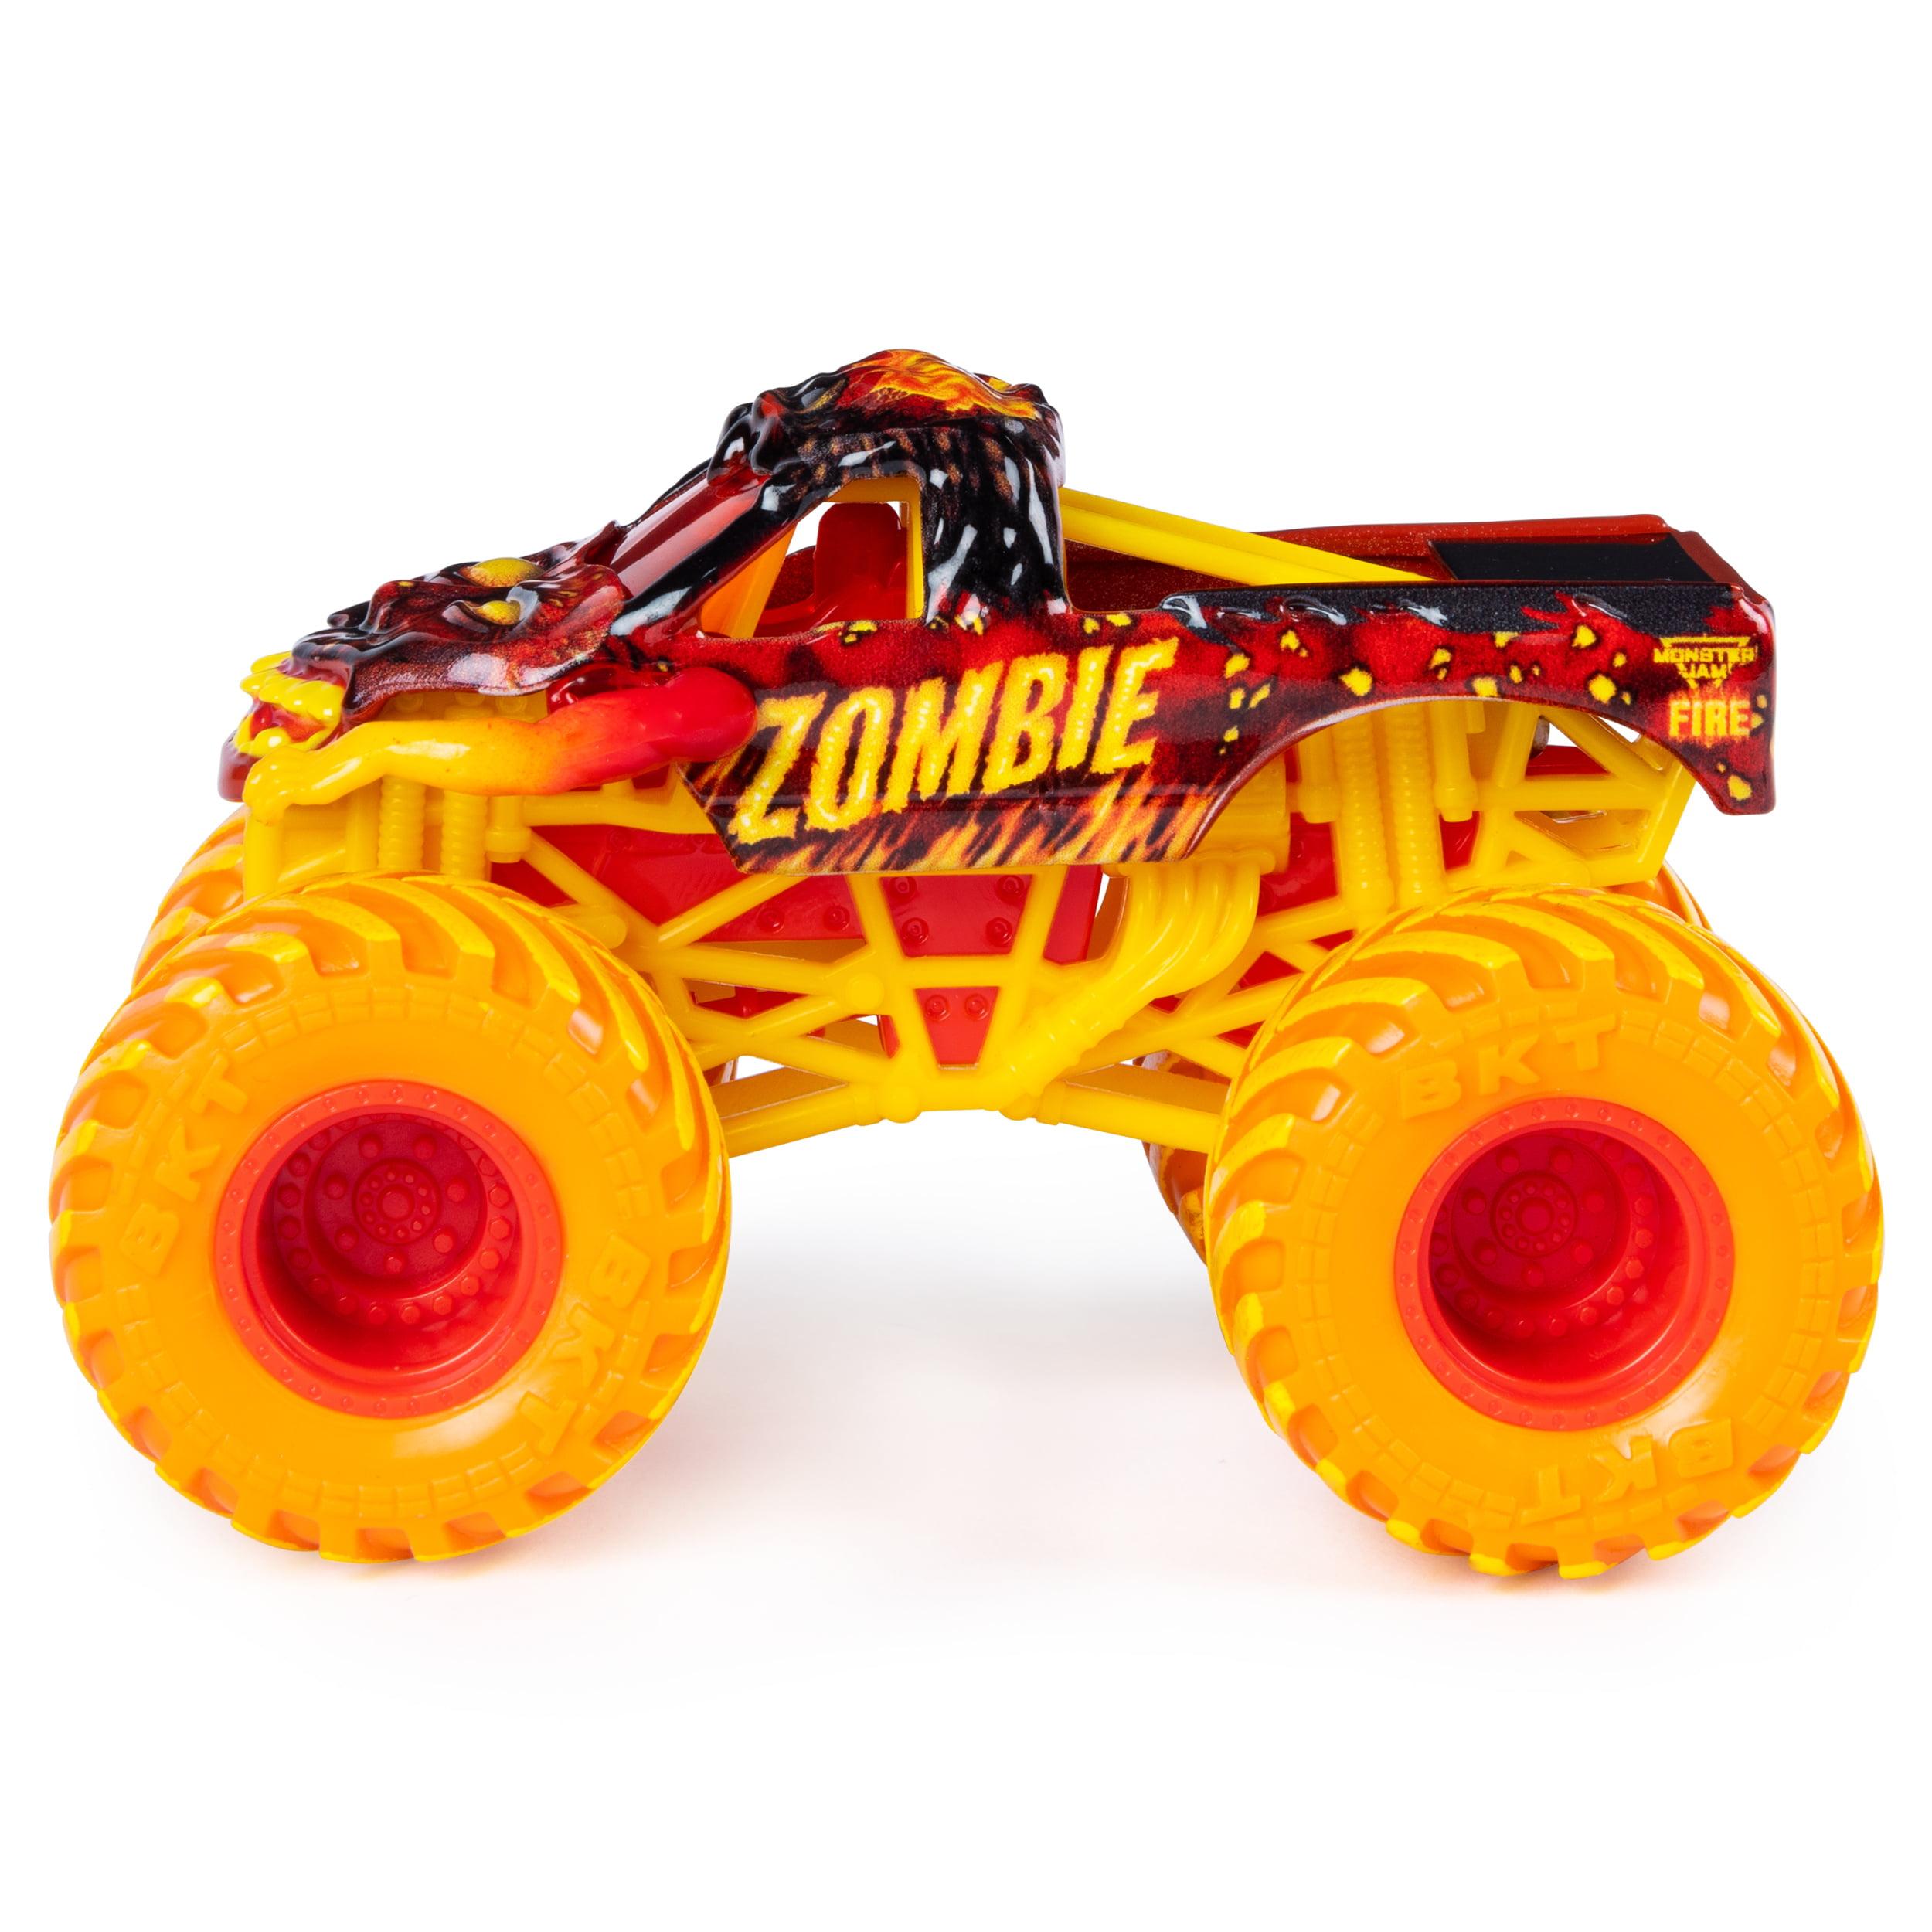 Monster Jam Fire Ice 2 Pack Zombie Vs El Toro Loco Monster Truck Die Cast Vehicles Walmart Exclusive 1 64 Scale Walmart Com Walmart Com